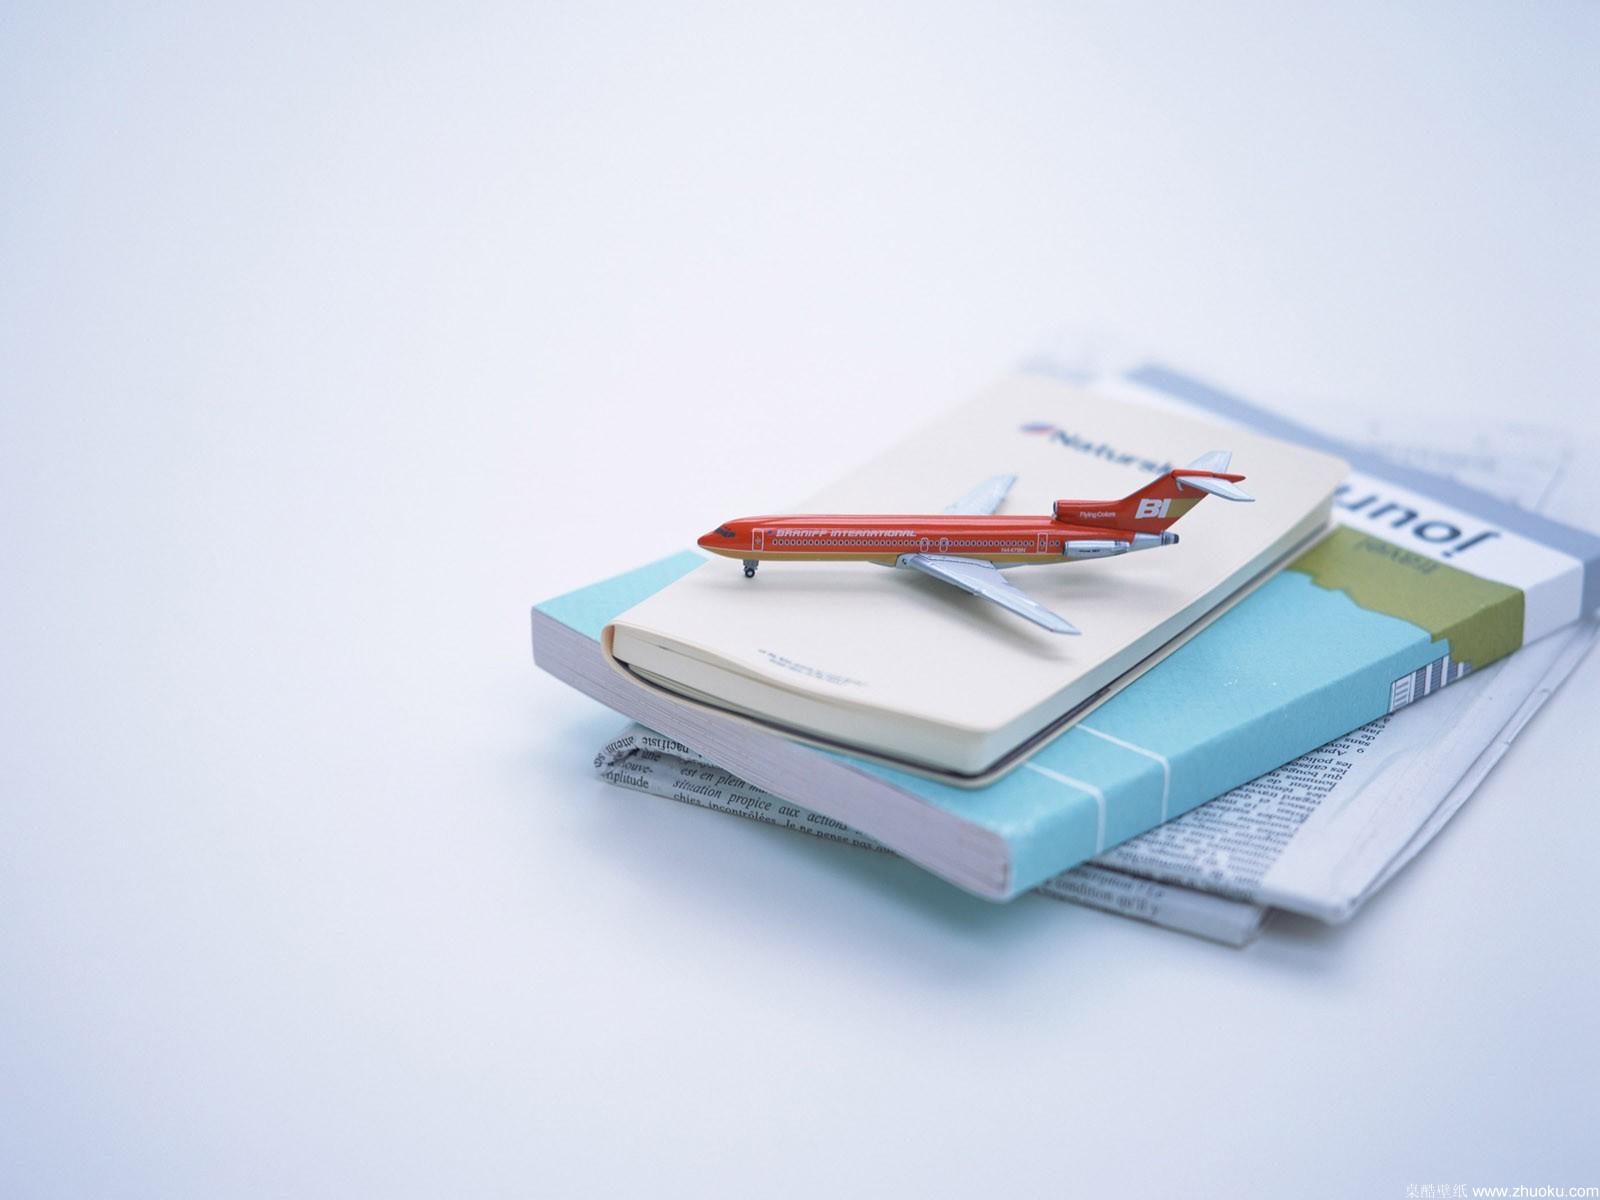 壁纸1600×1200温馨家居壁纸 1600 1200 壁纸14壁纸 温馨家居壁纸 16壁纸图片建筑壁纸建筑图片素材桌面壁纸